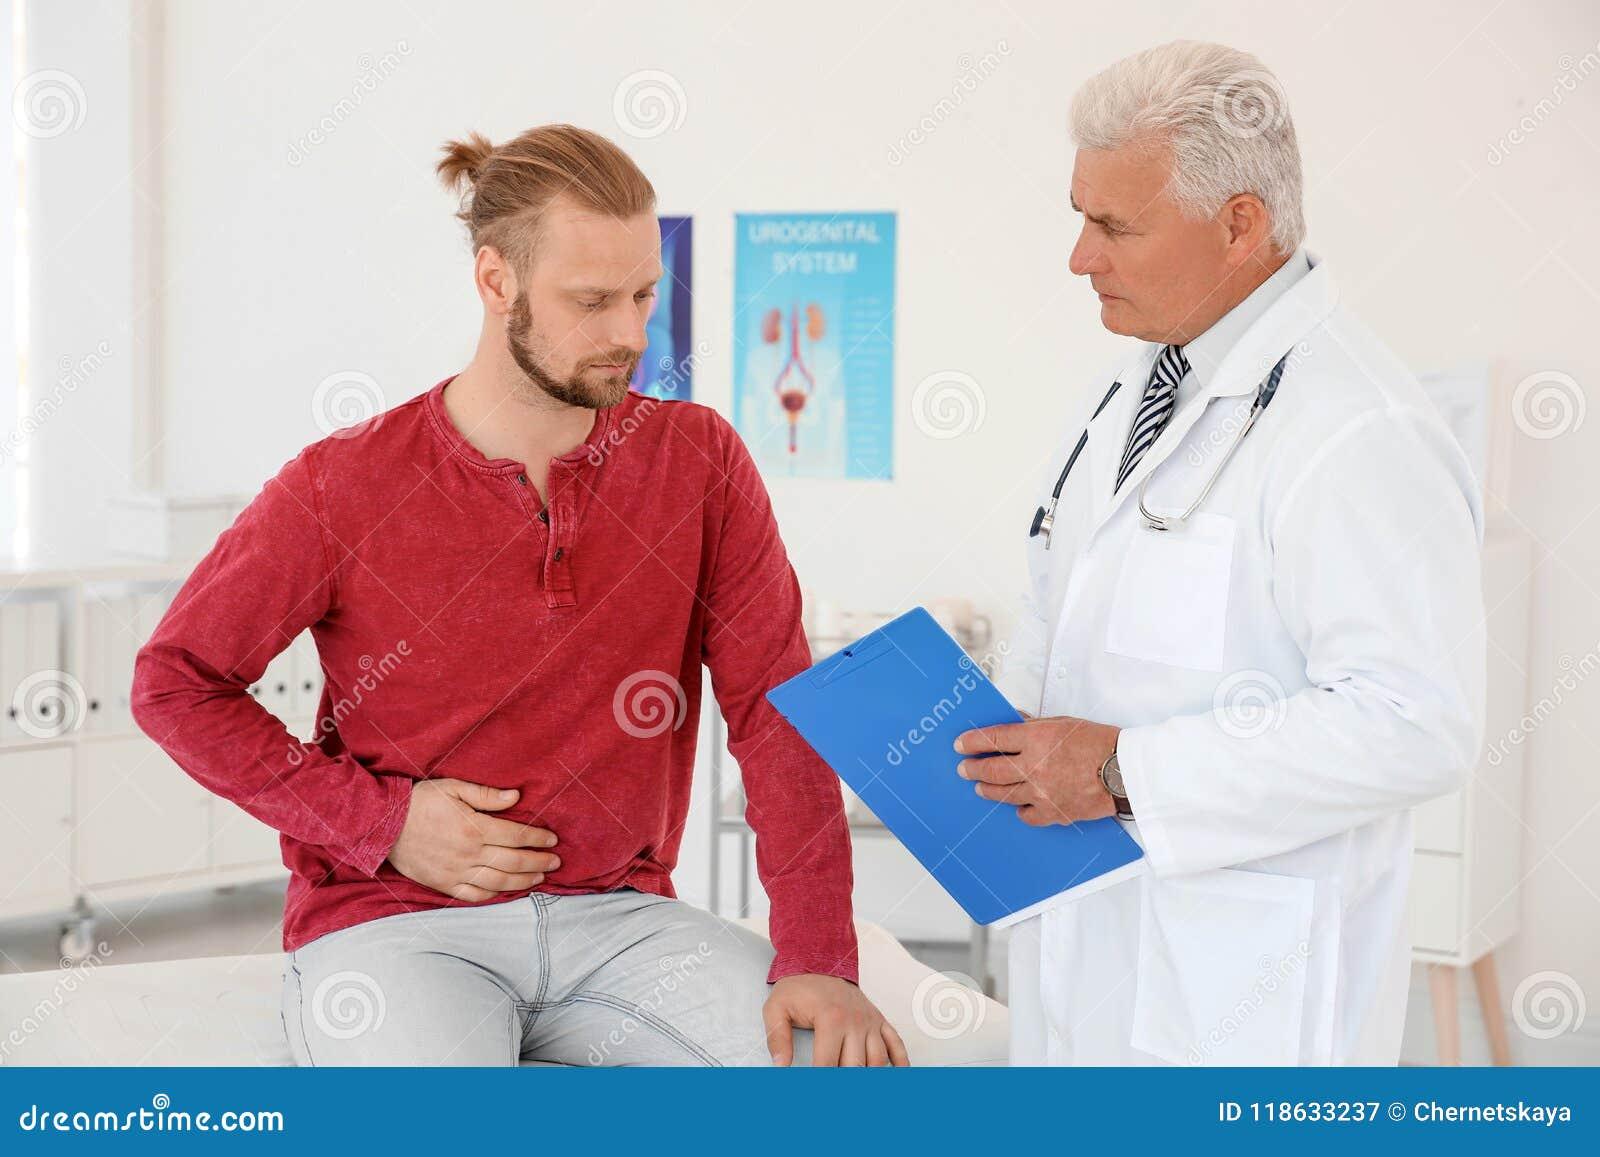 Hombre con problemas de salud que visita al urólogo